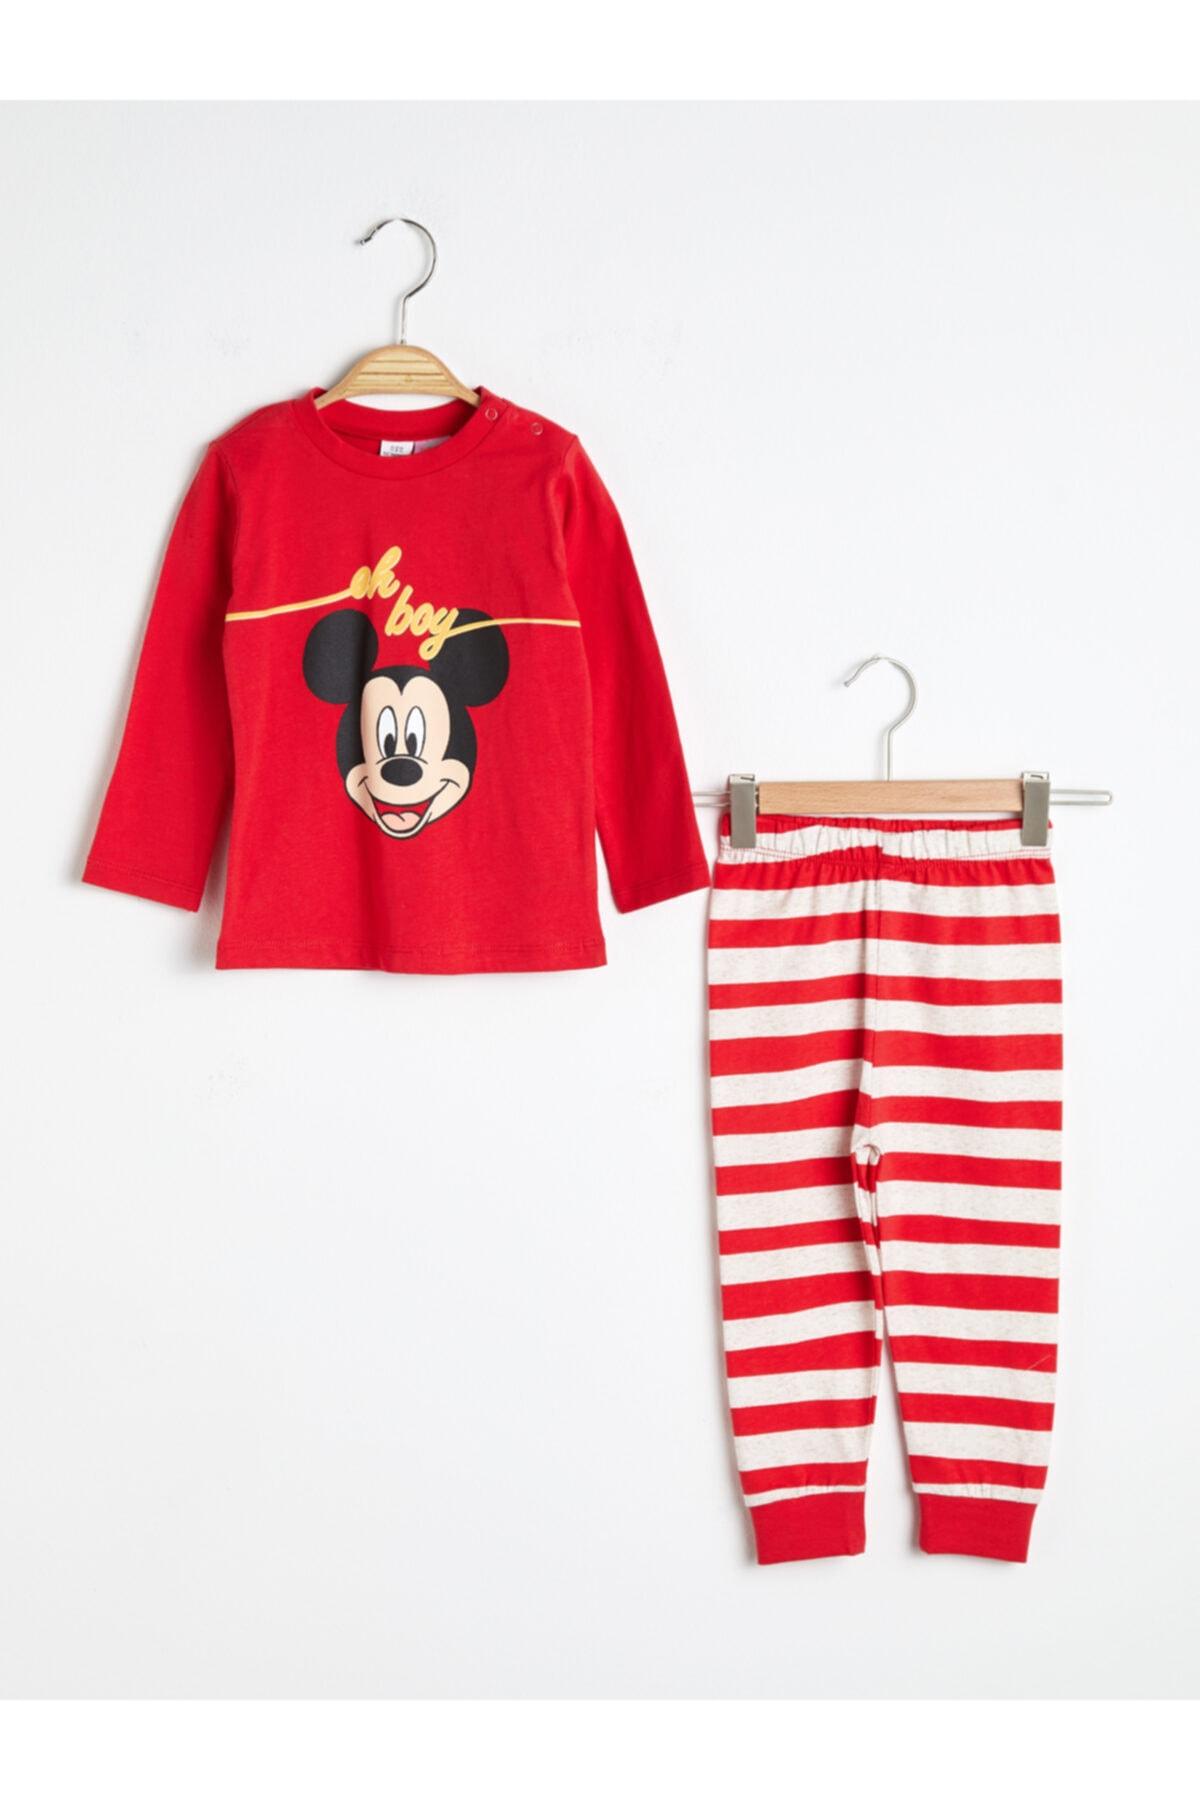 LC Waikiki Mickey Mouse Erkek Bebek Canlı Kırmızı Hc3 Pijama Takımı 1